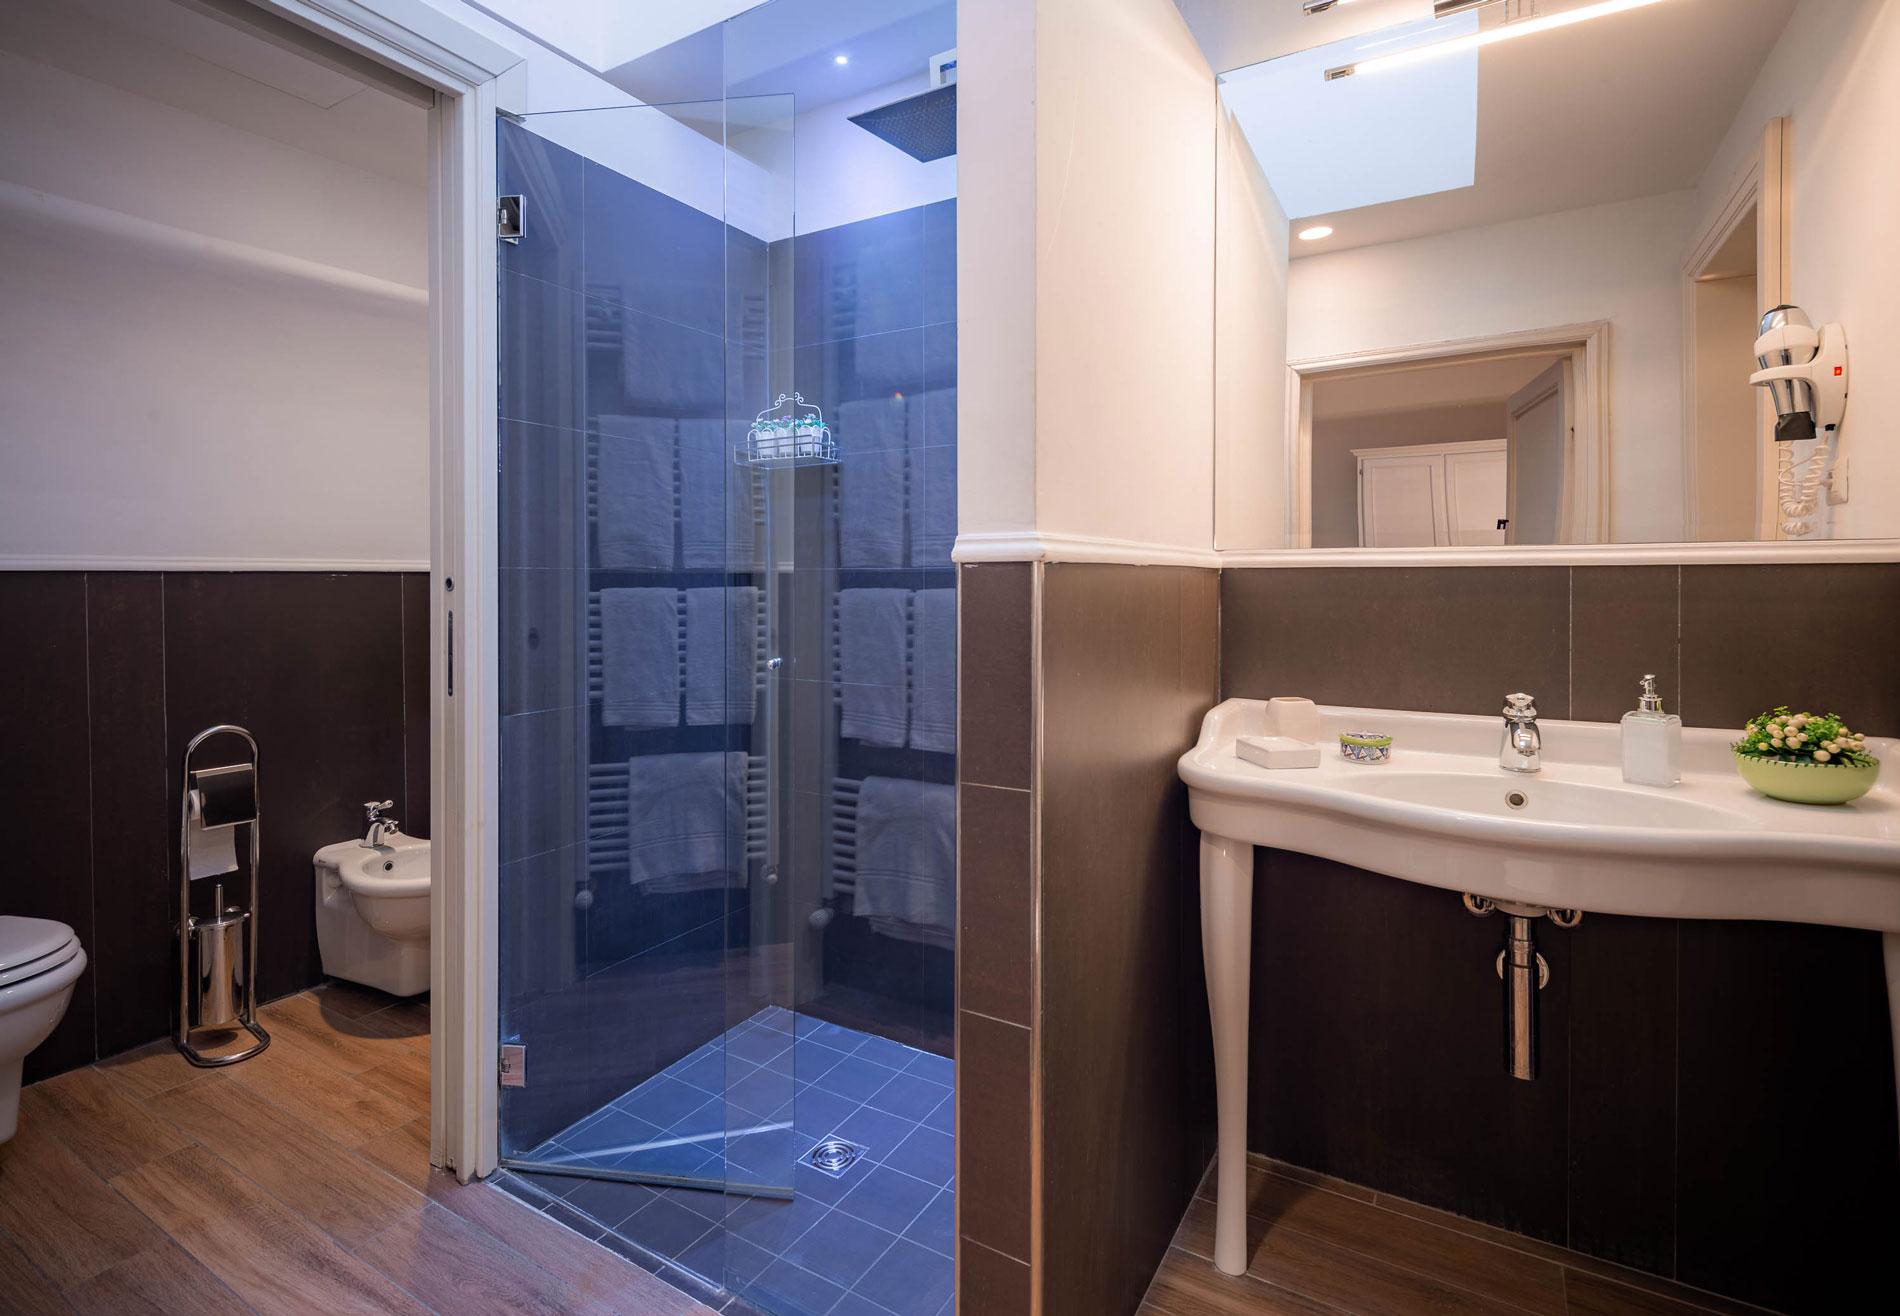 Bagno molto spazioso dell'hotel del corso in centro a Firenze, con largo box doccia.